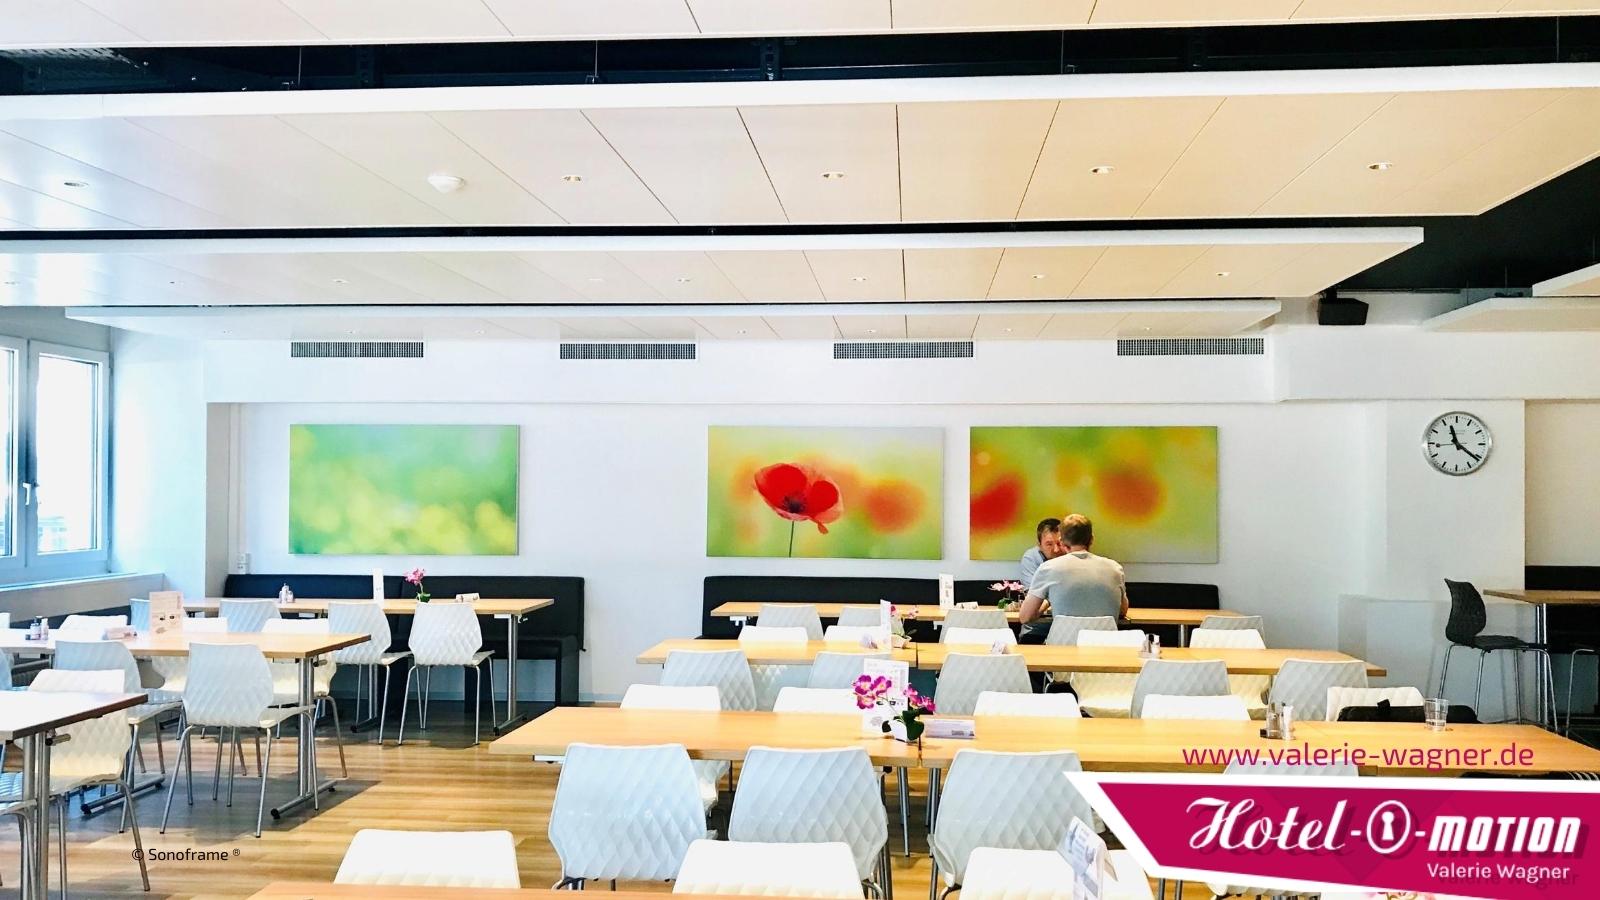 Das Akustikbild verbessert die Raumakustik im Restaurant und lädt Gäste zum Verweilen ein. Das Ohr isst eben mit.